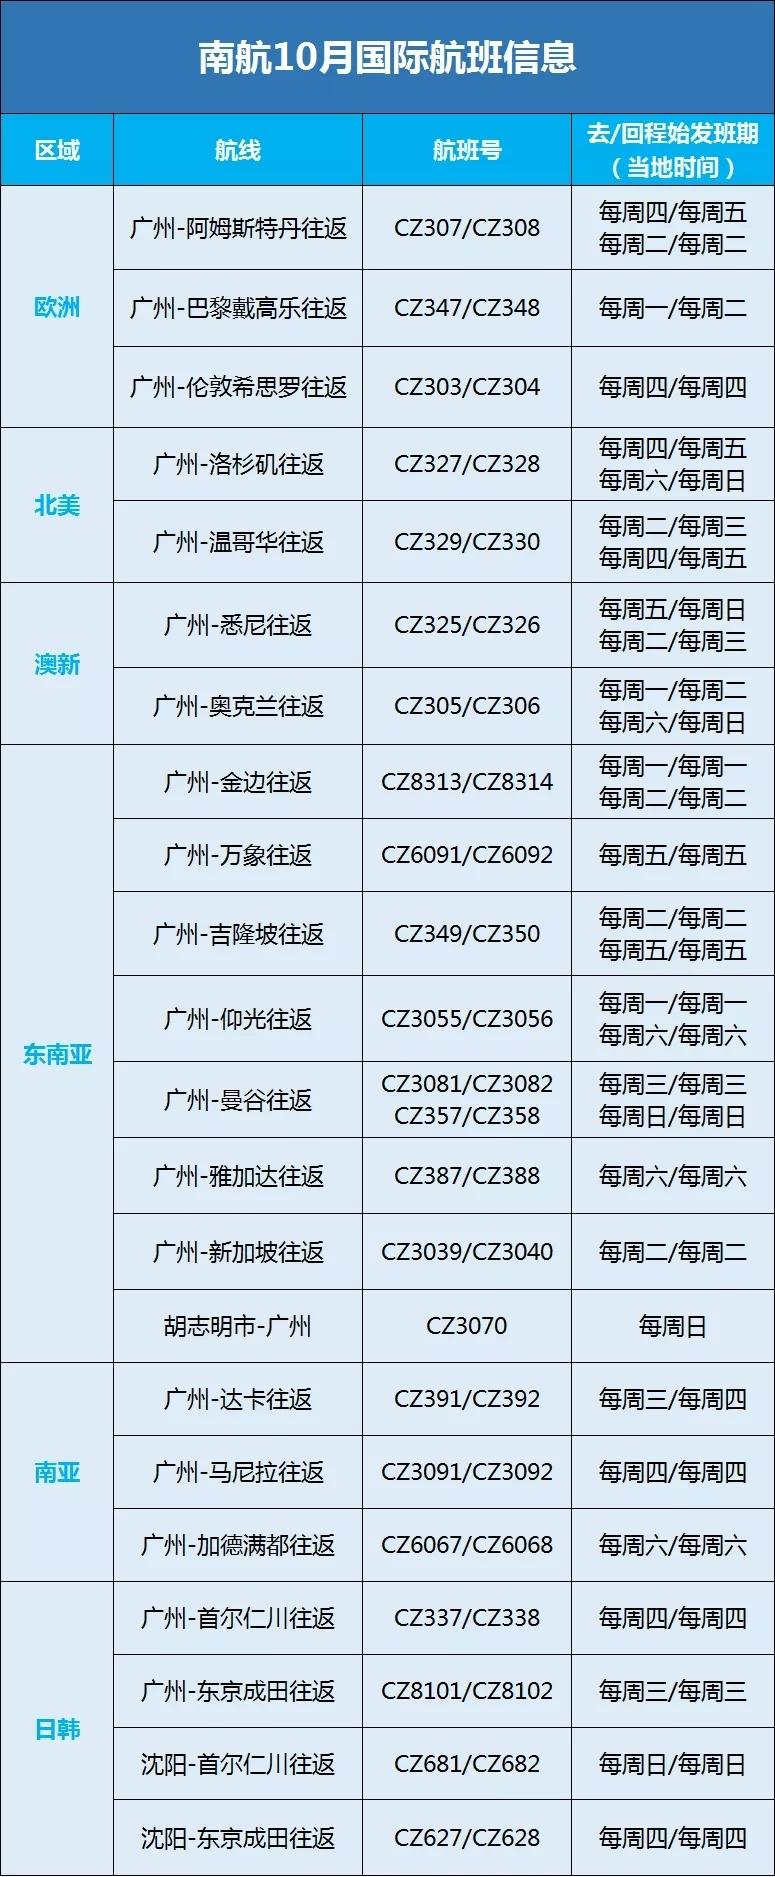 新增雅加达、胡志明航线 南航10执飞22条国际航线